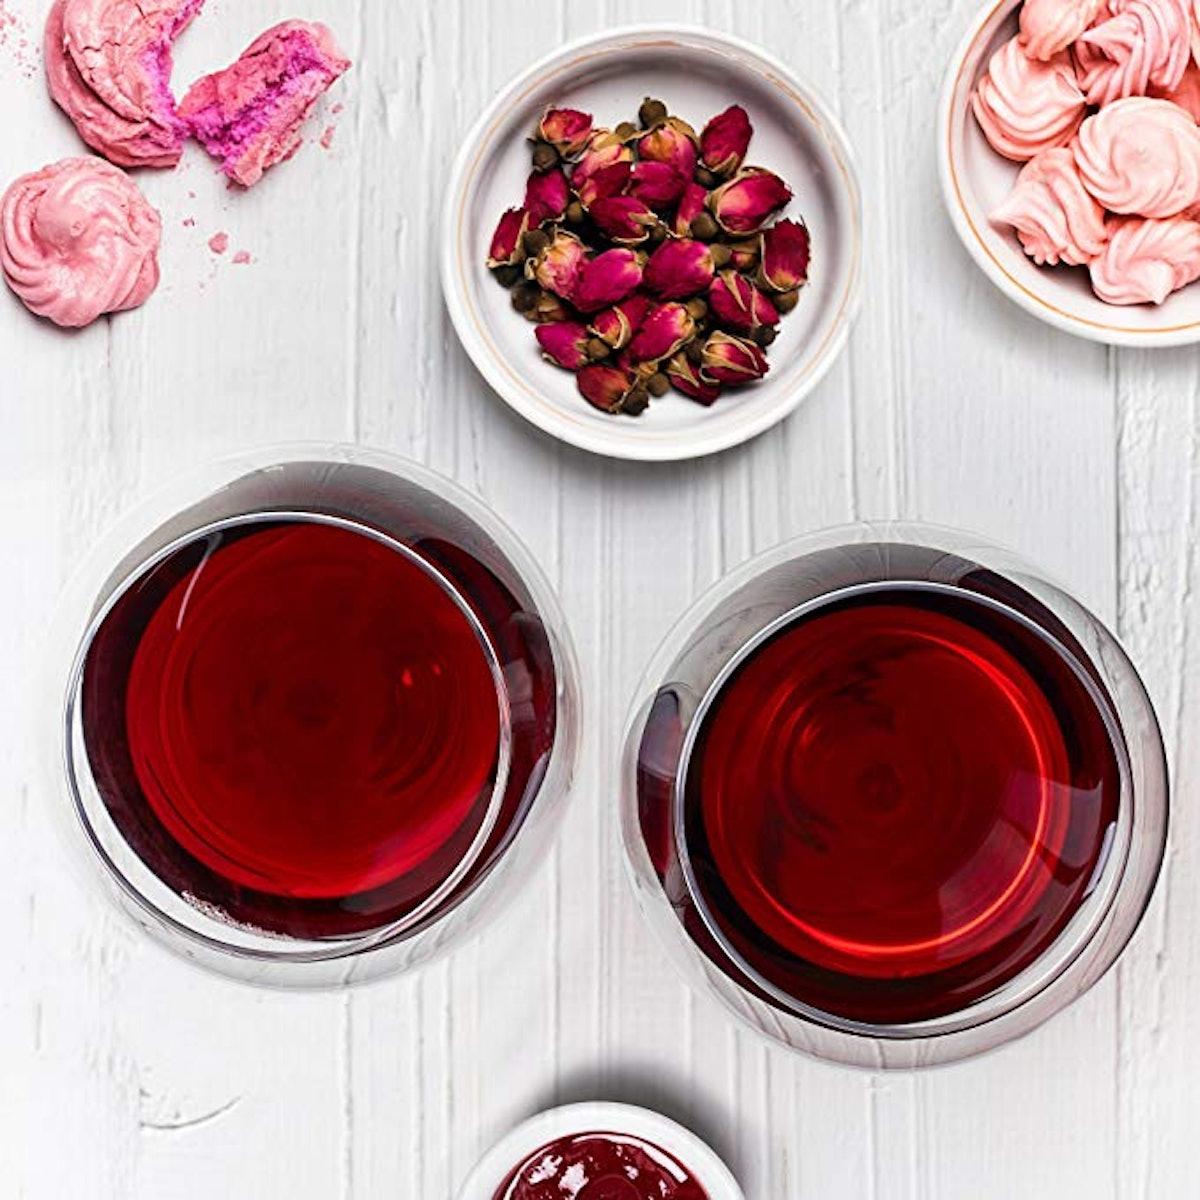 Zeppoli Wine Glass (4-Piece Set)